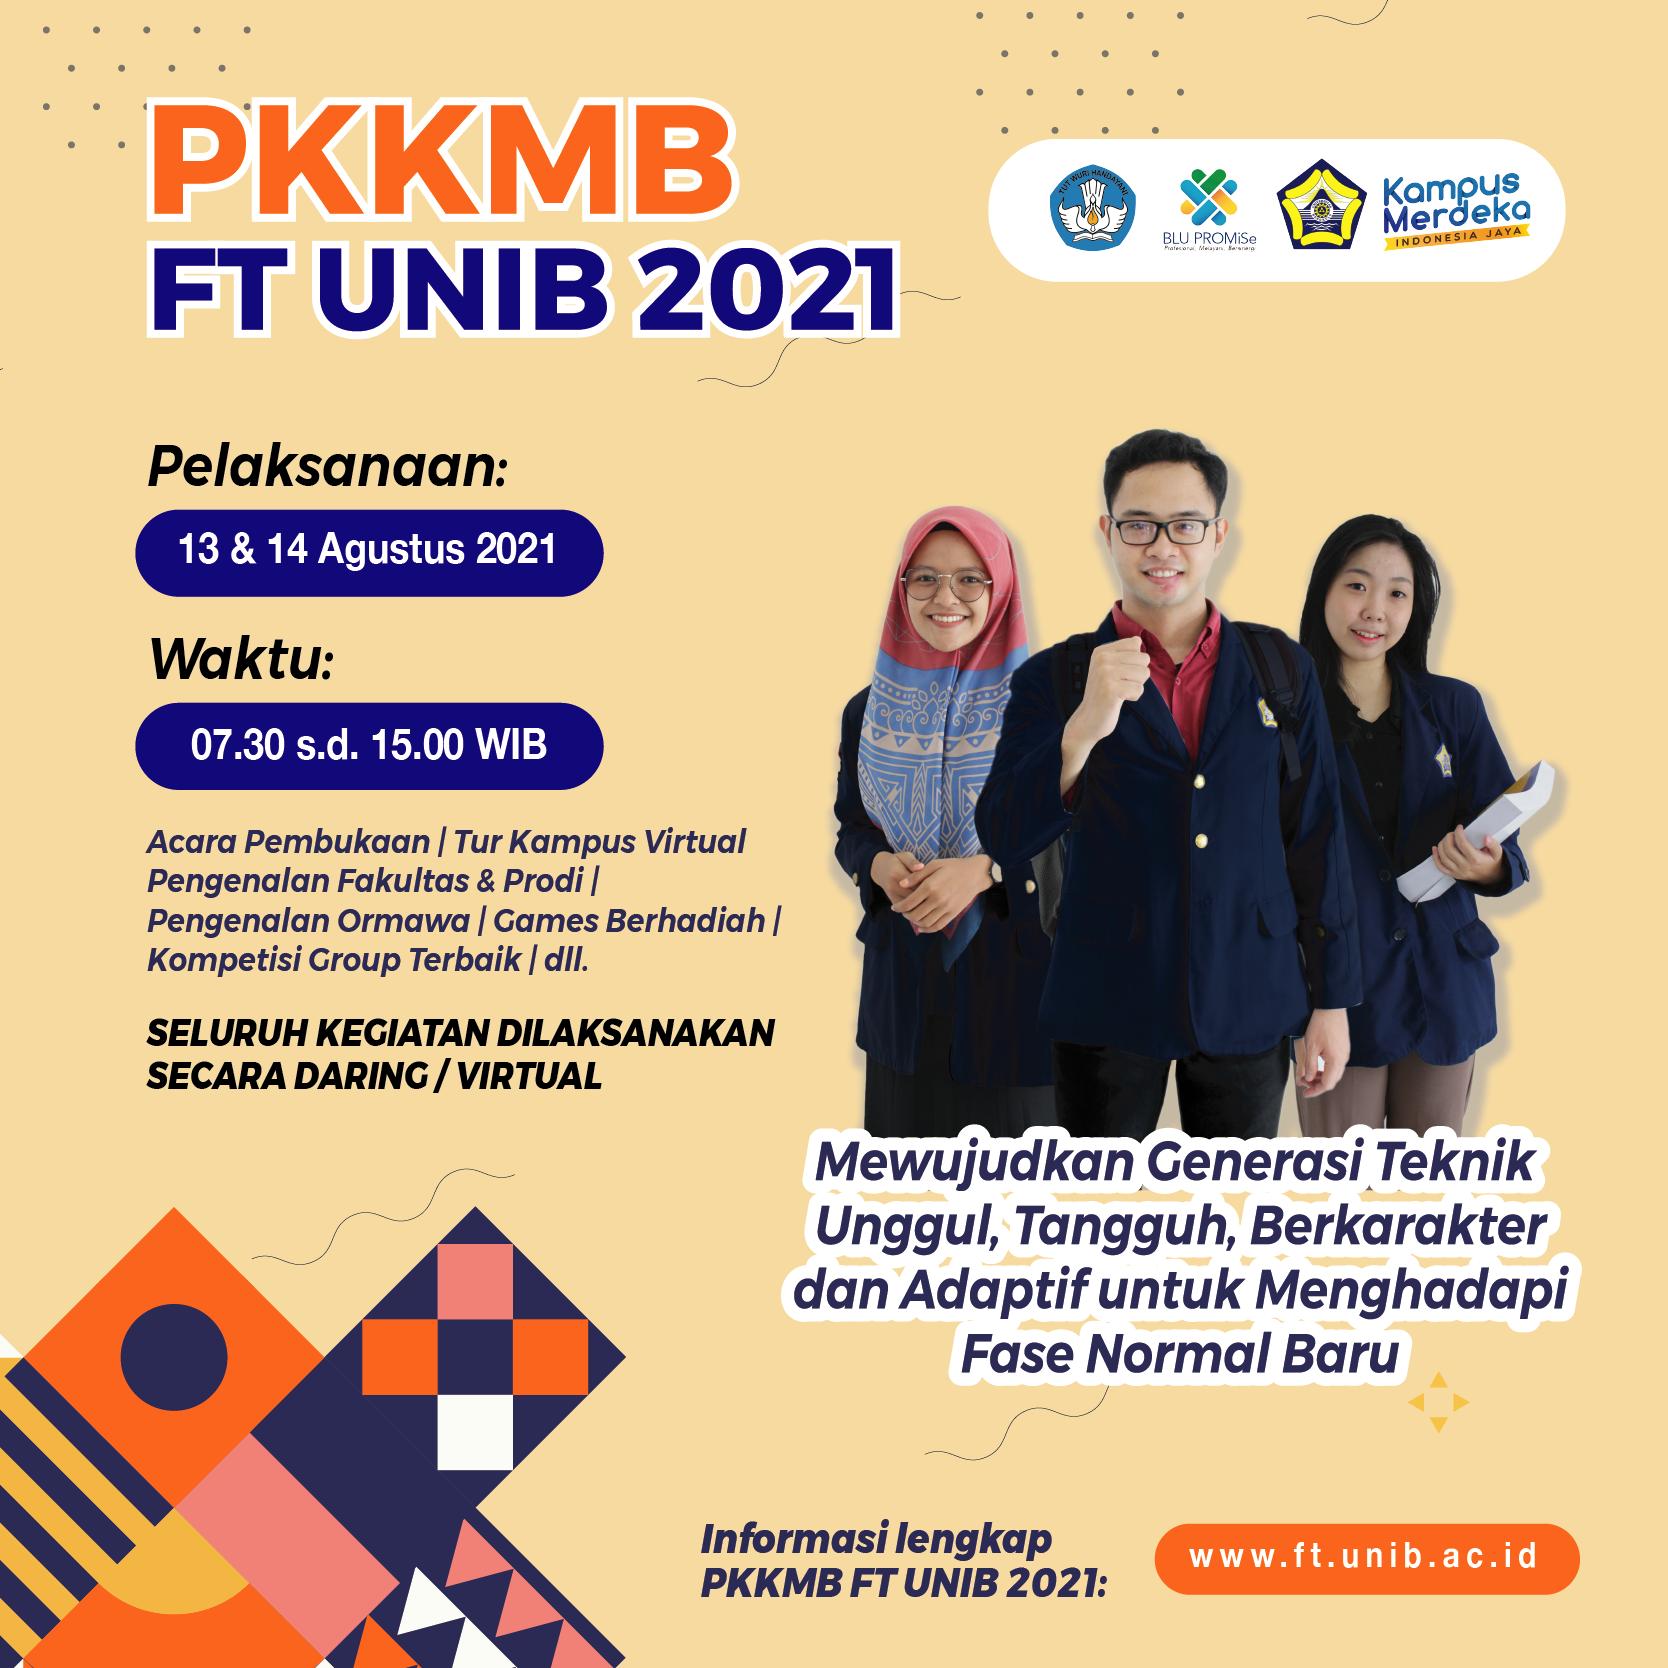 Panduan PKKMB FT UNIB 2021